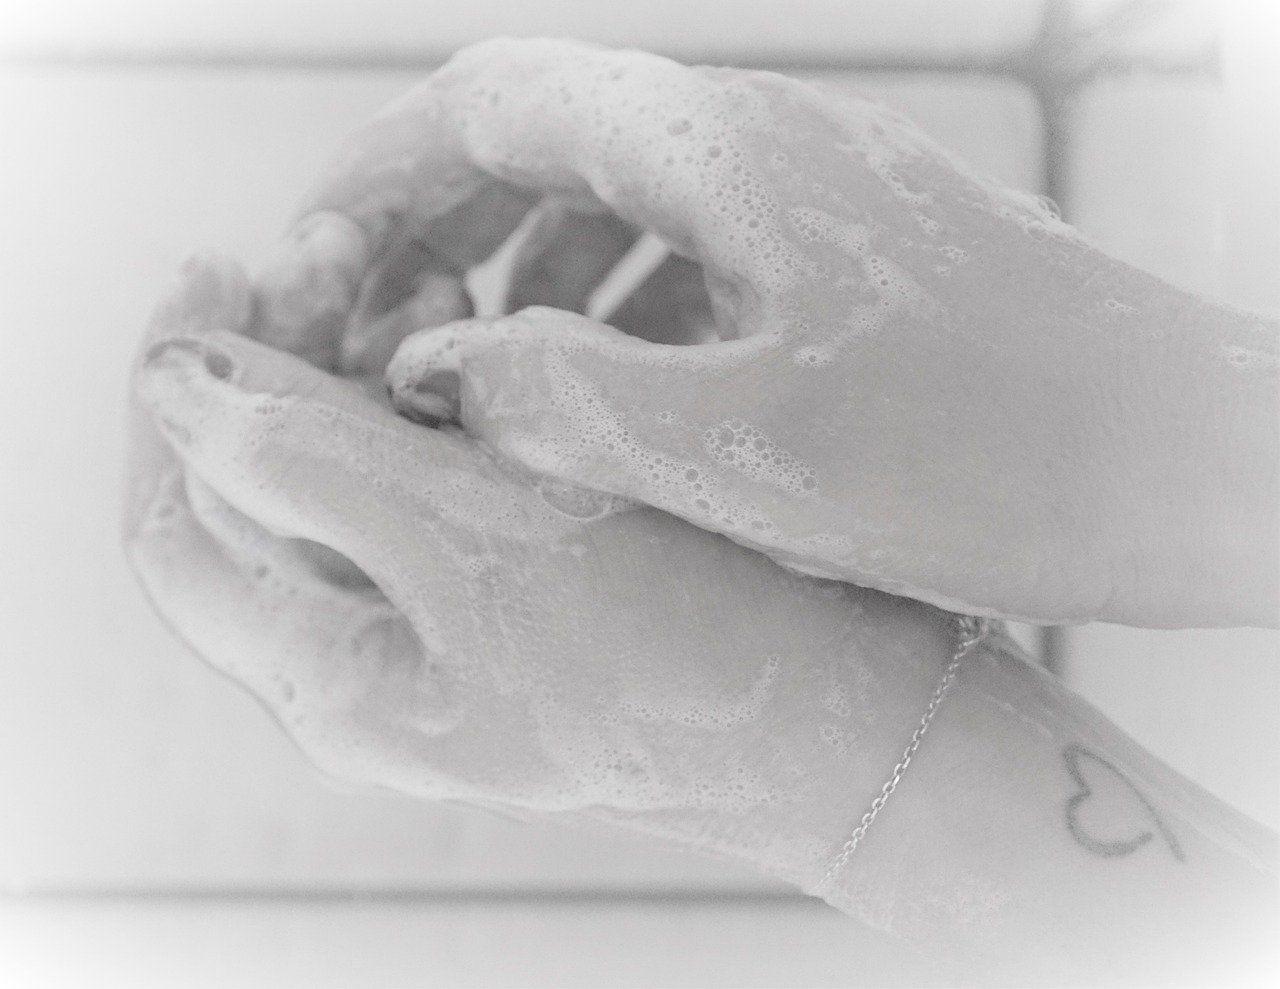 Čišće ruke i plavije nebo: Što je dobroga donio koronavirus?